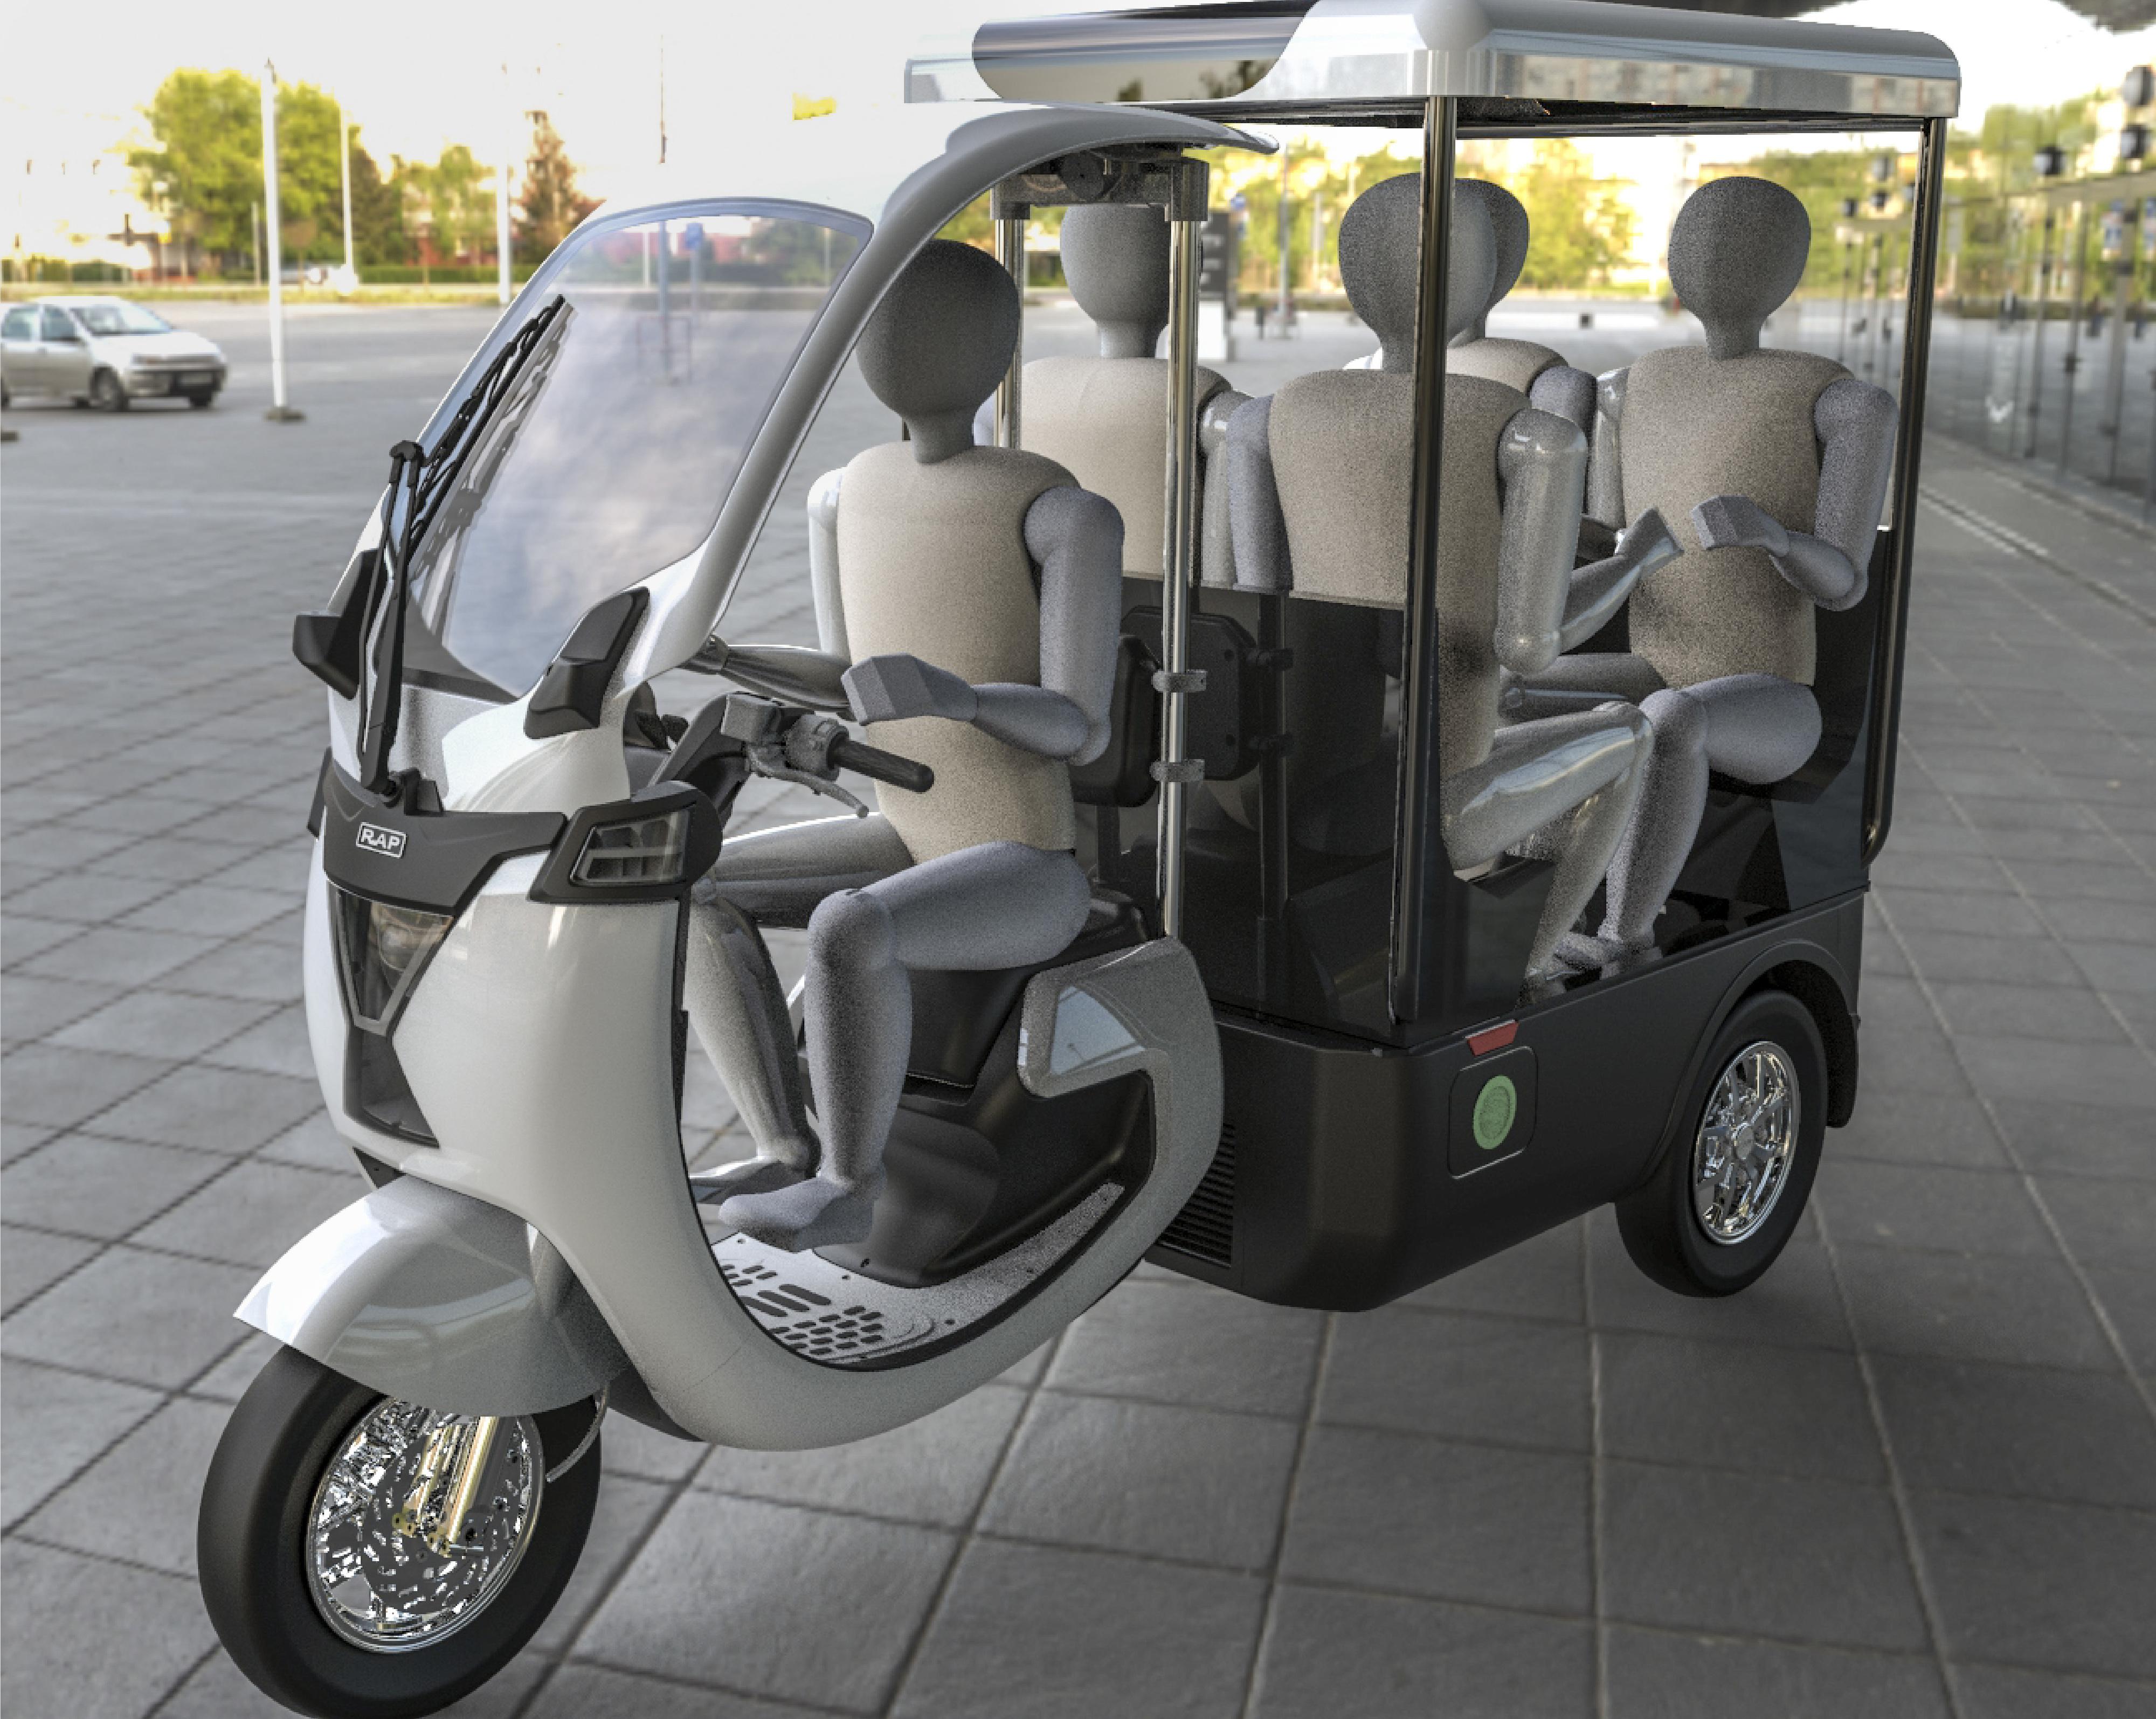 Andaluzia e Algarve vão dispor de rede de veículos elétricos para fortalecer turismo